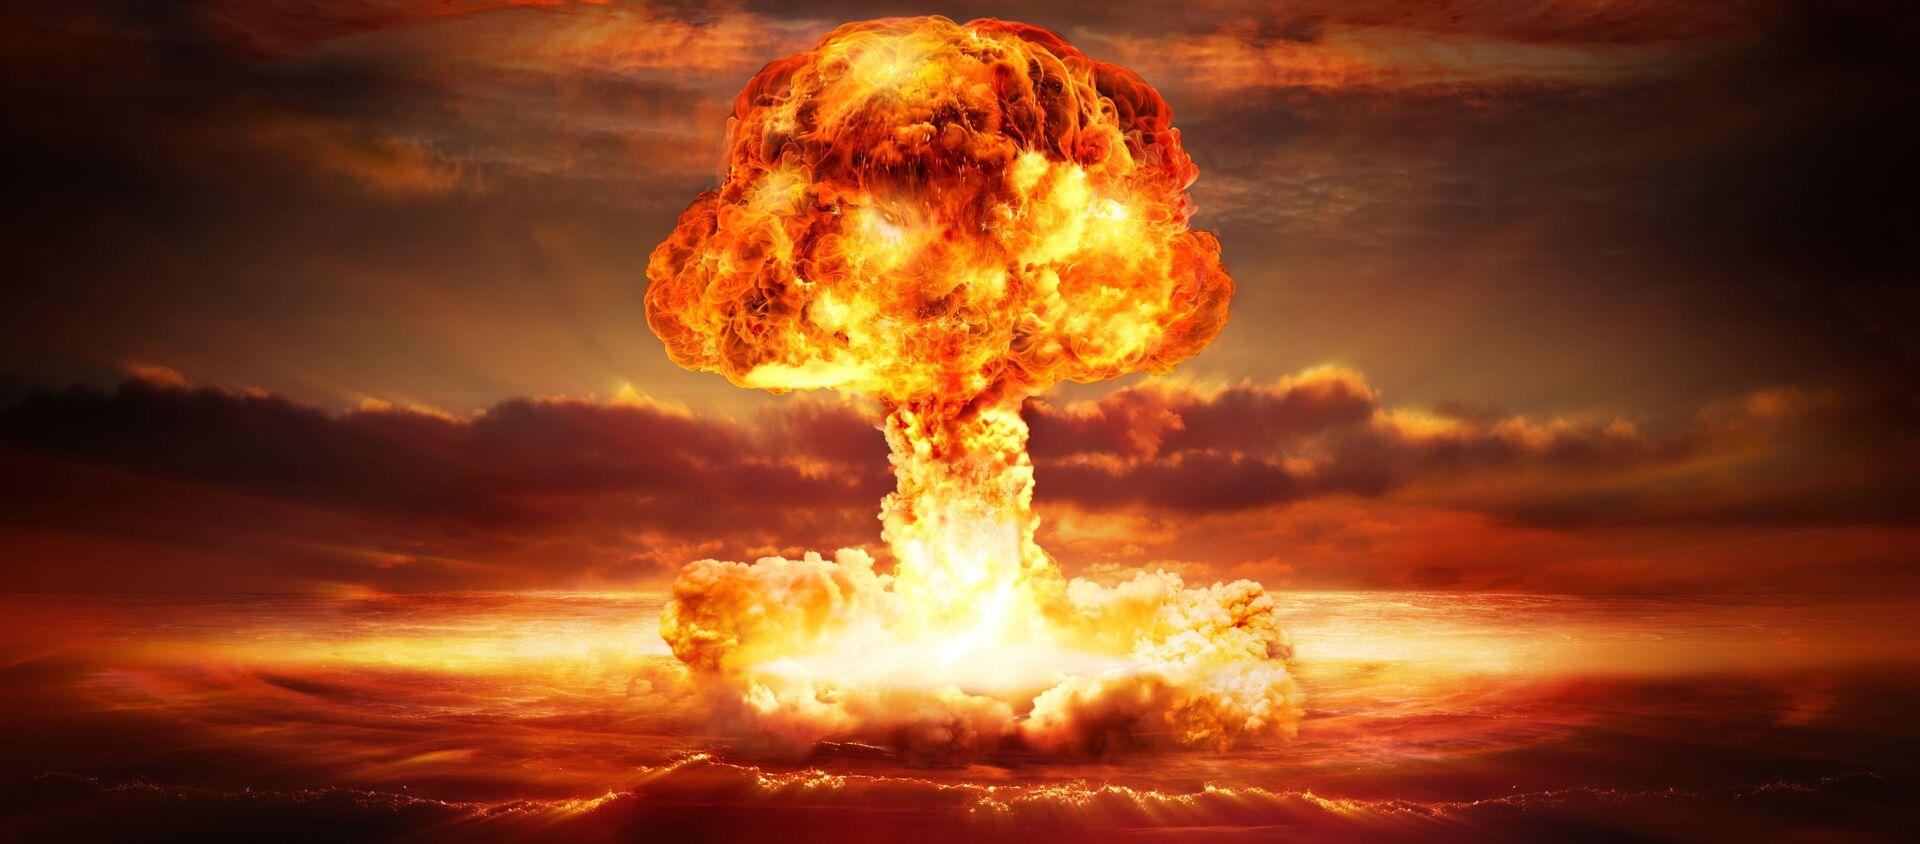 Wybuch nuklearny - Sputnik Polska, 1920, 06.04.2021